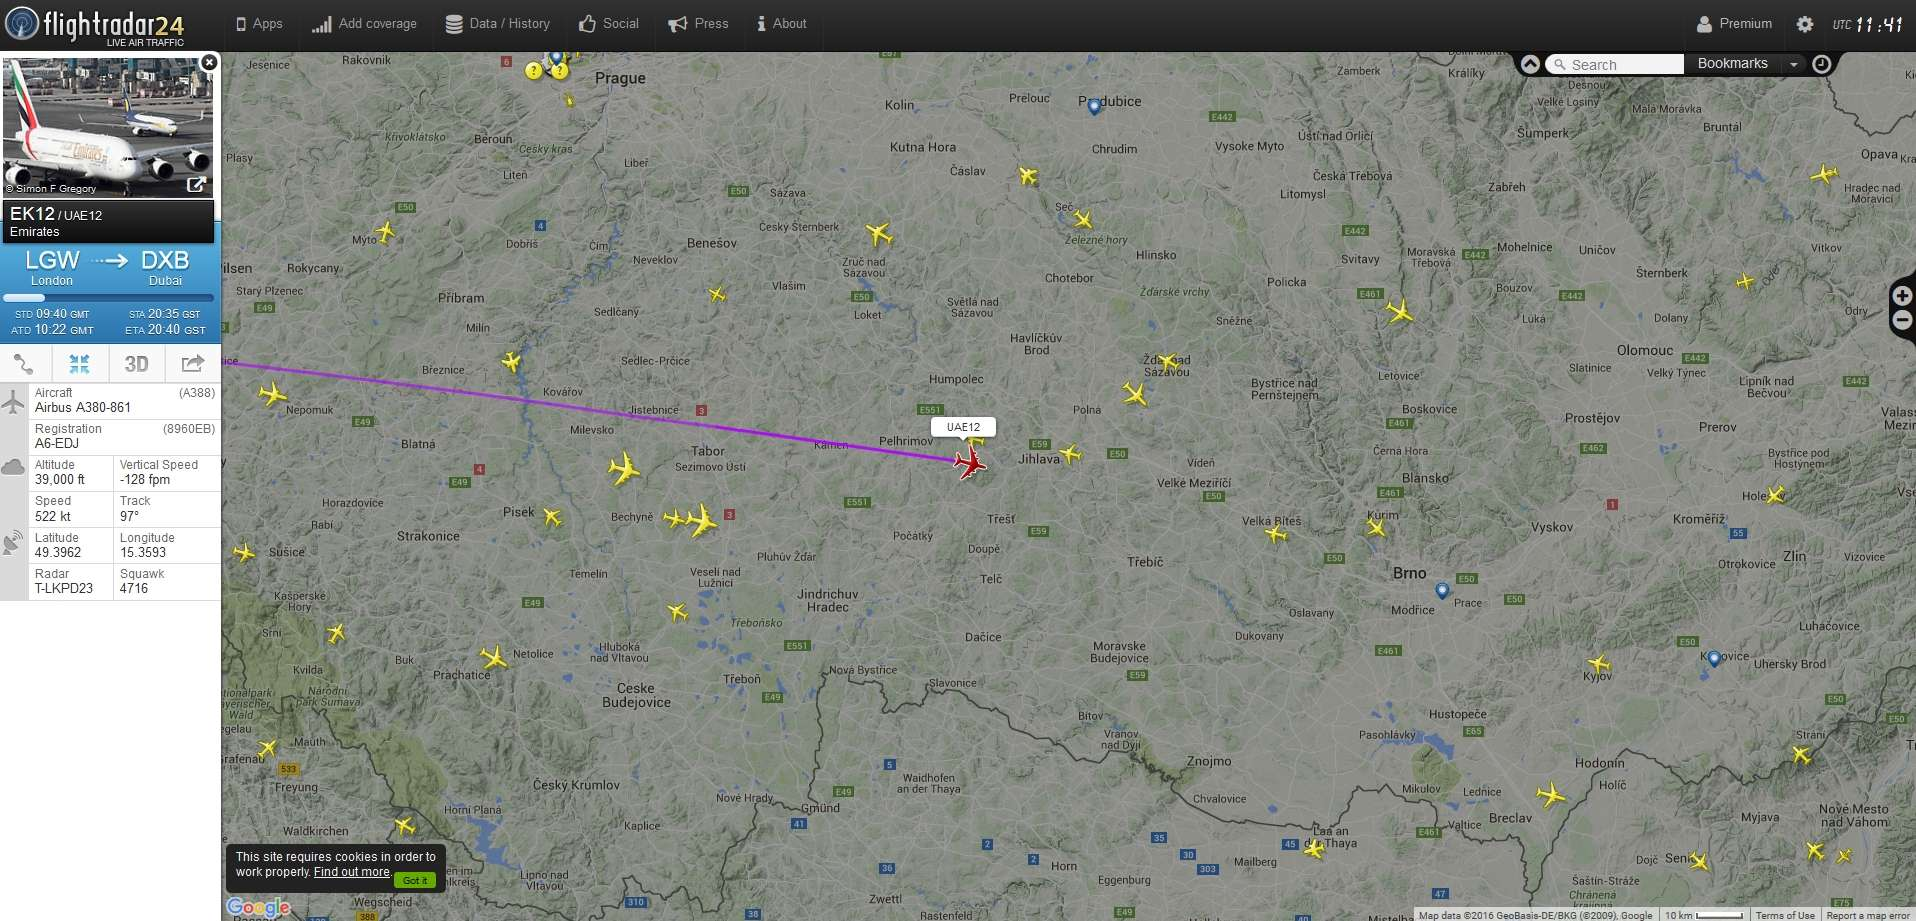 radarvirtuel.com/Flightradar24.com : tous les avions en vol en direct sur une carte - Page 2 Sans_t61